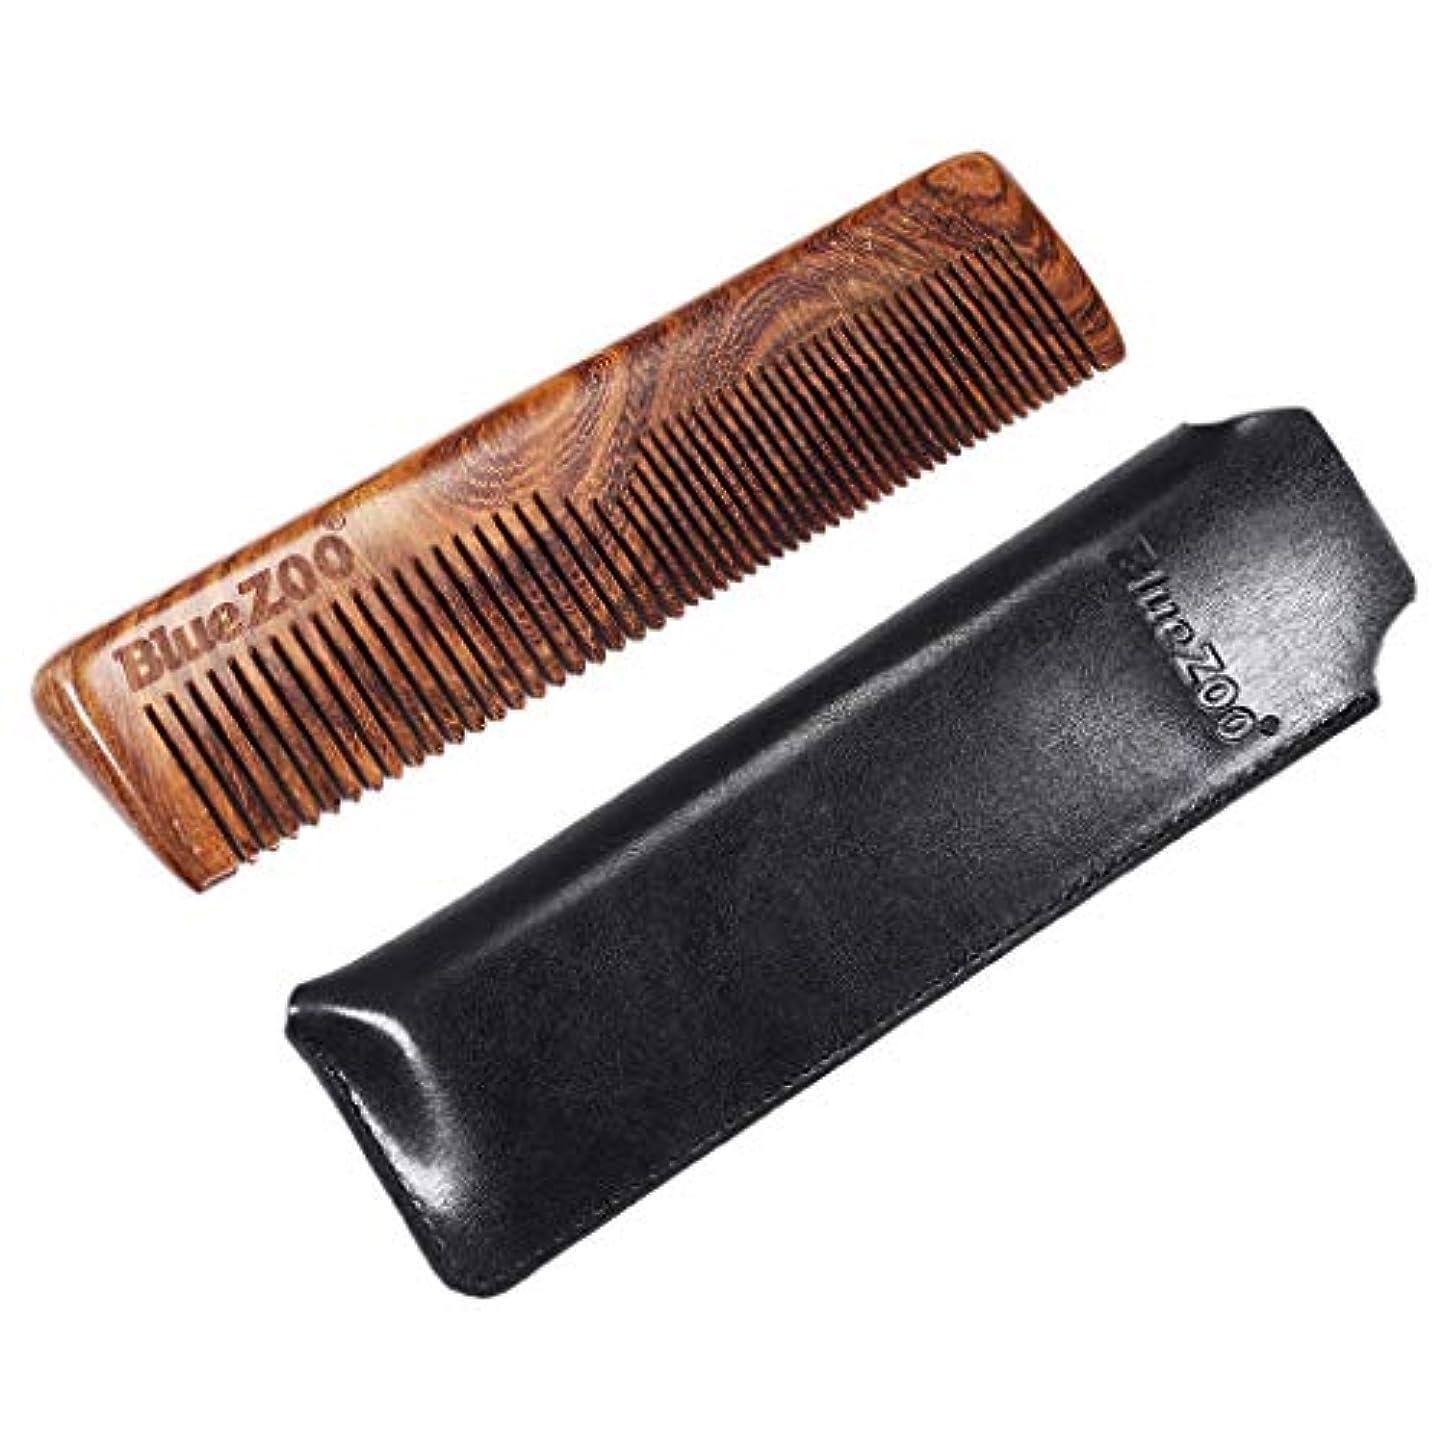 ラインナップメータートラフウッドコーム 静電気防止櫛 ひげ櫛 ヘアブラシ 収納バッグ 2色選べ - ブラック